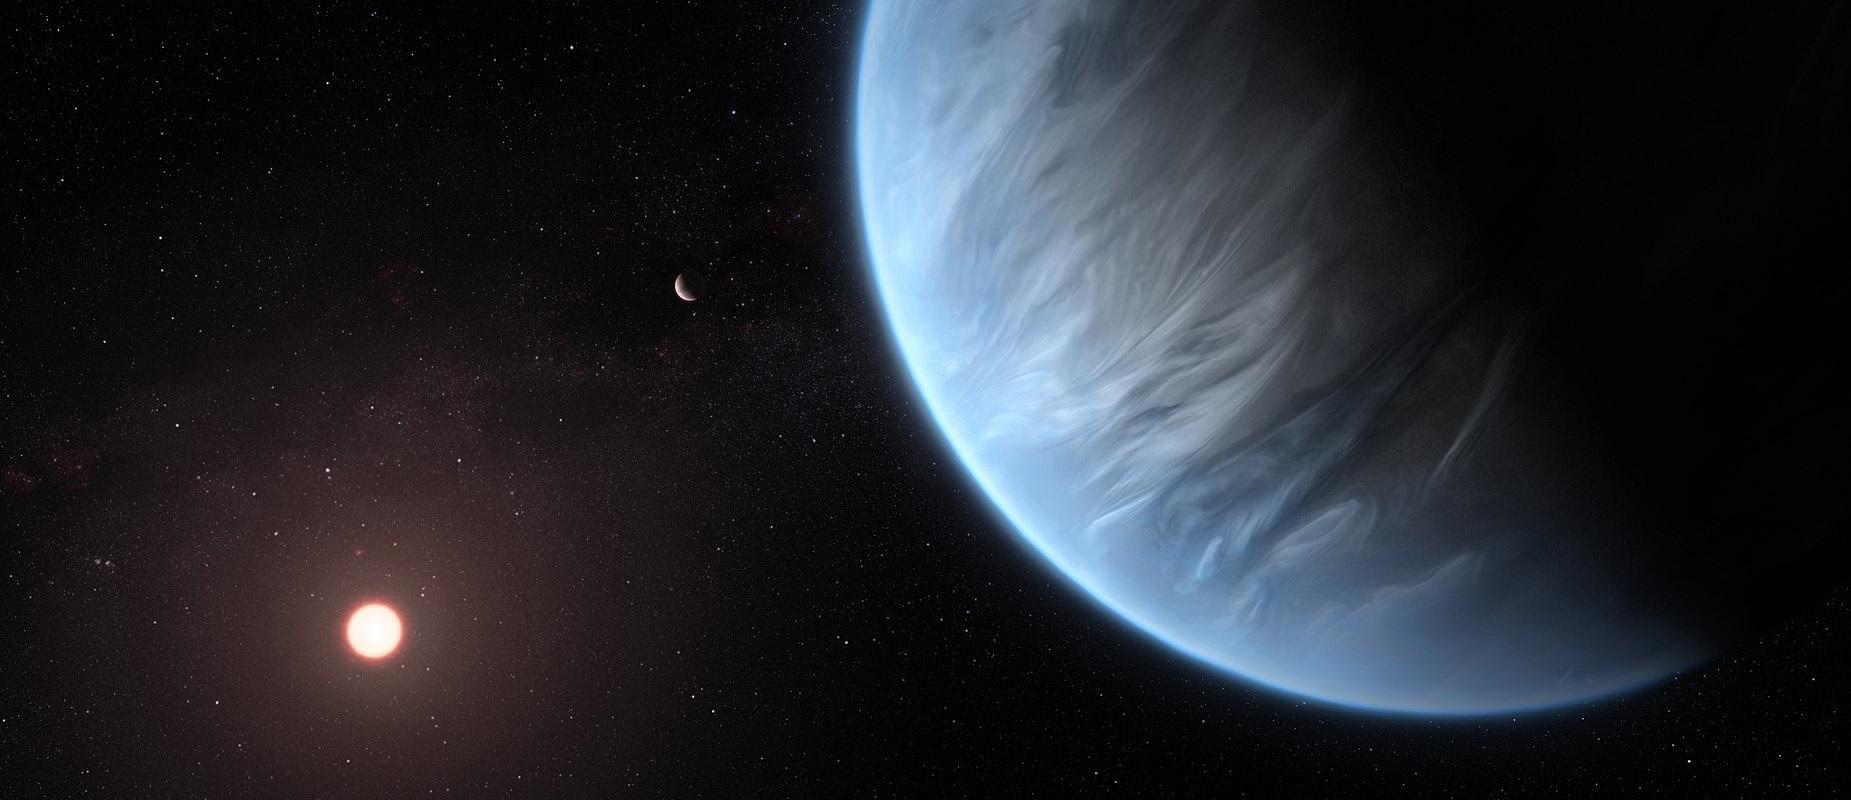 Lur super harkaitz bat nano marroi baten inguruan biratzen da.  Ezohiko planeta aurkitu da